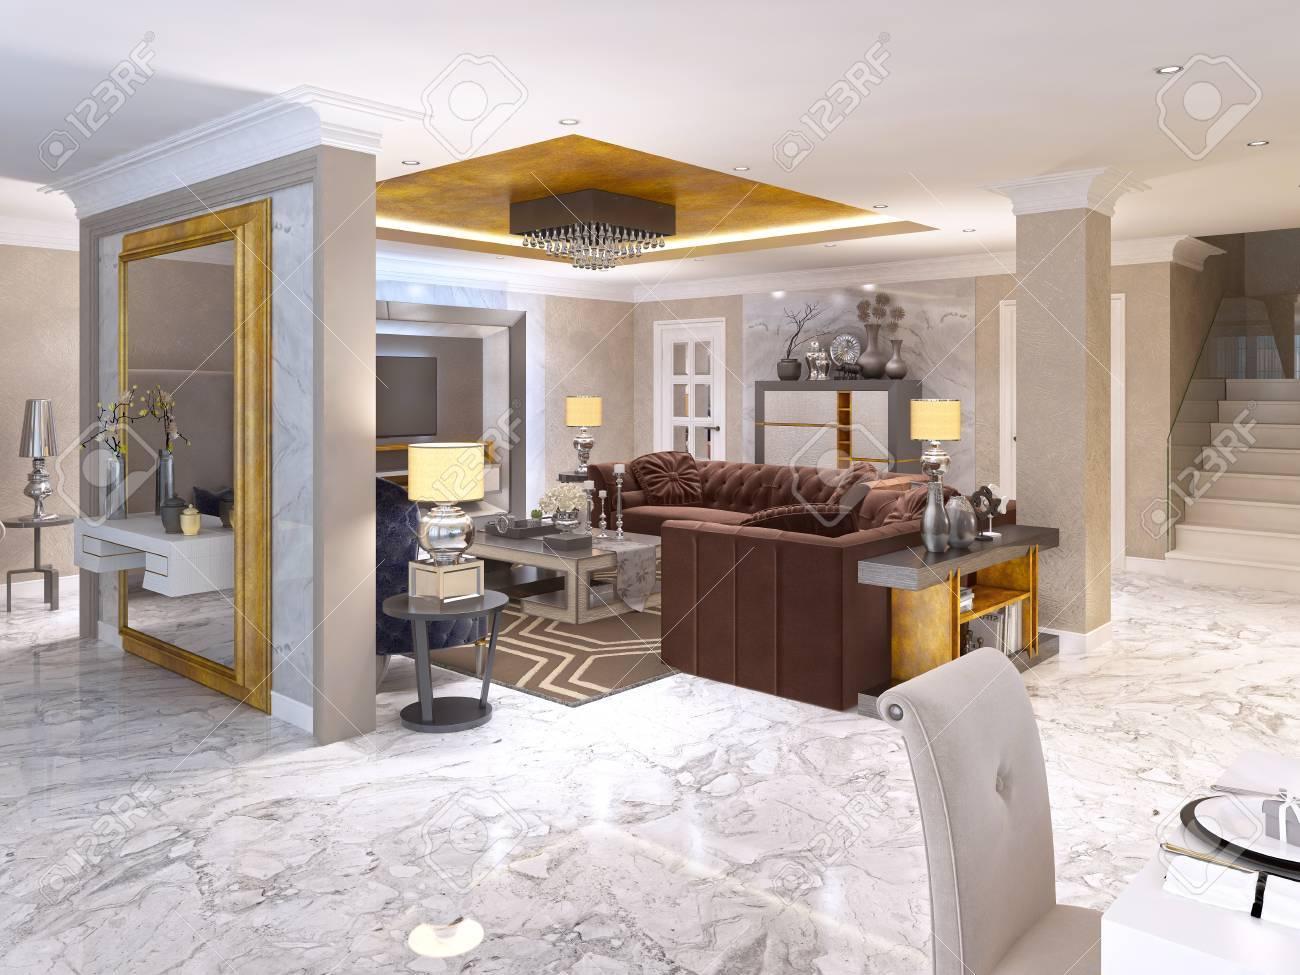 Luxuriöses Wohnzimmer Stil Art Deco In Weiß, Gold Und Beige Farbe ...